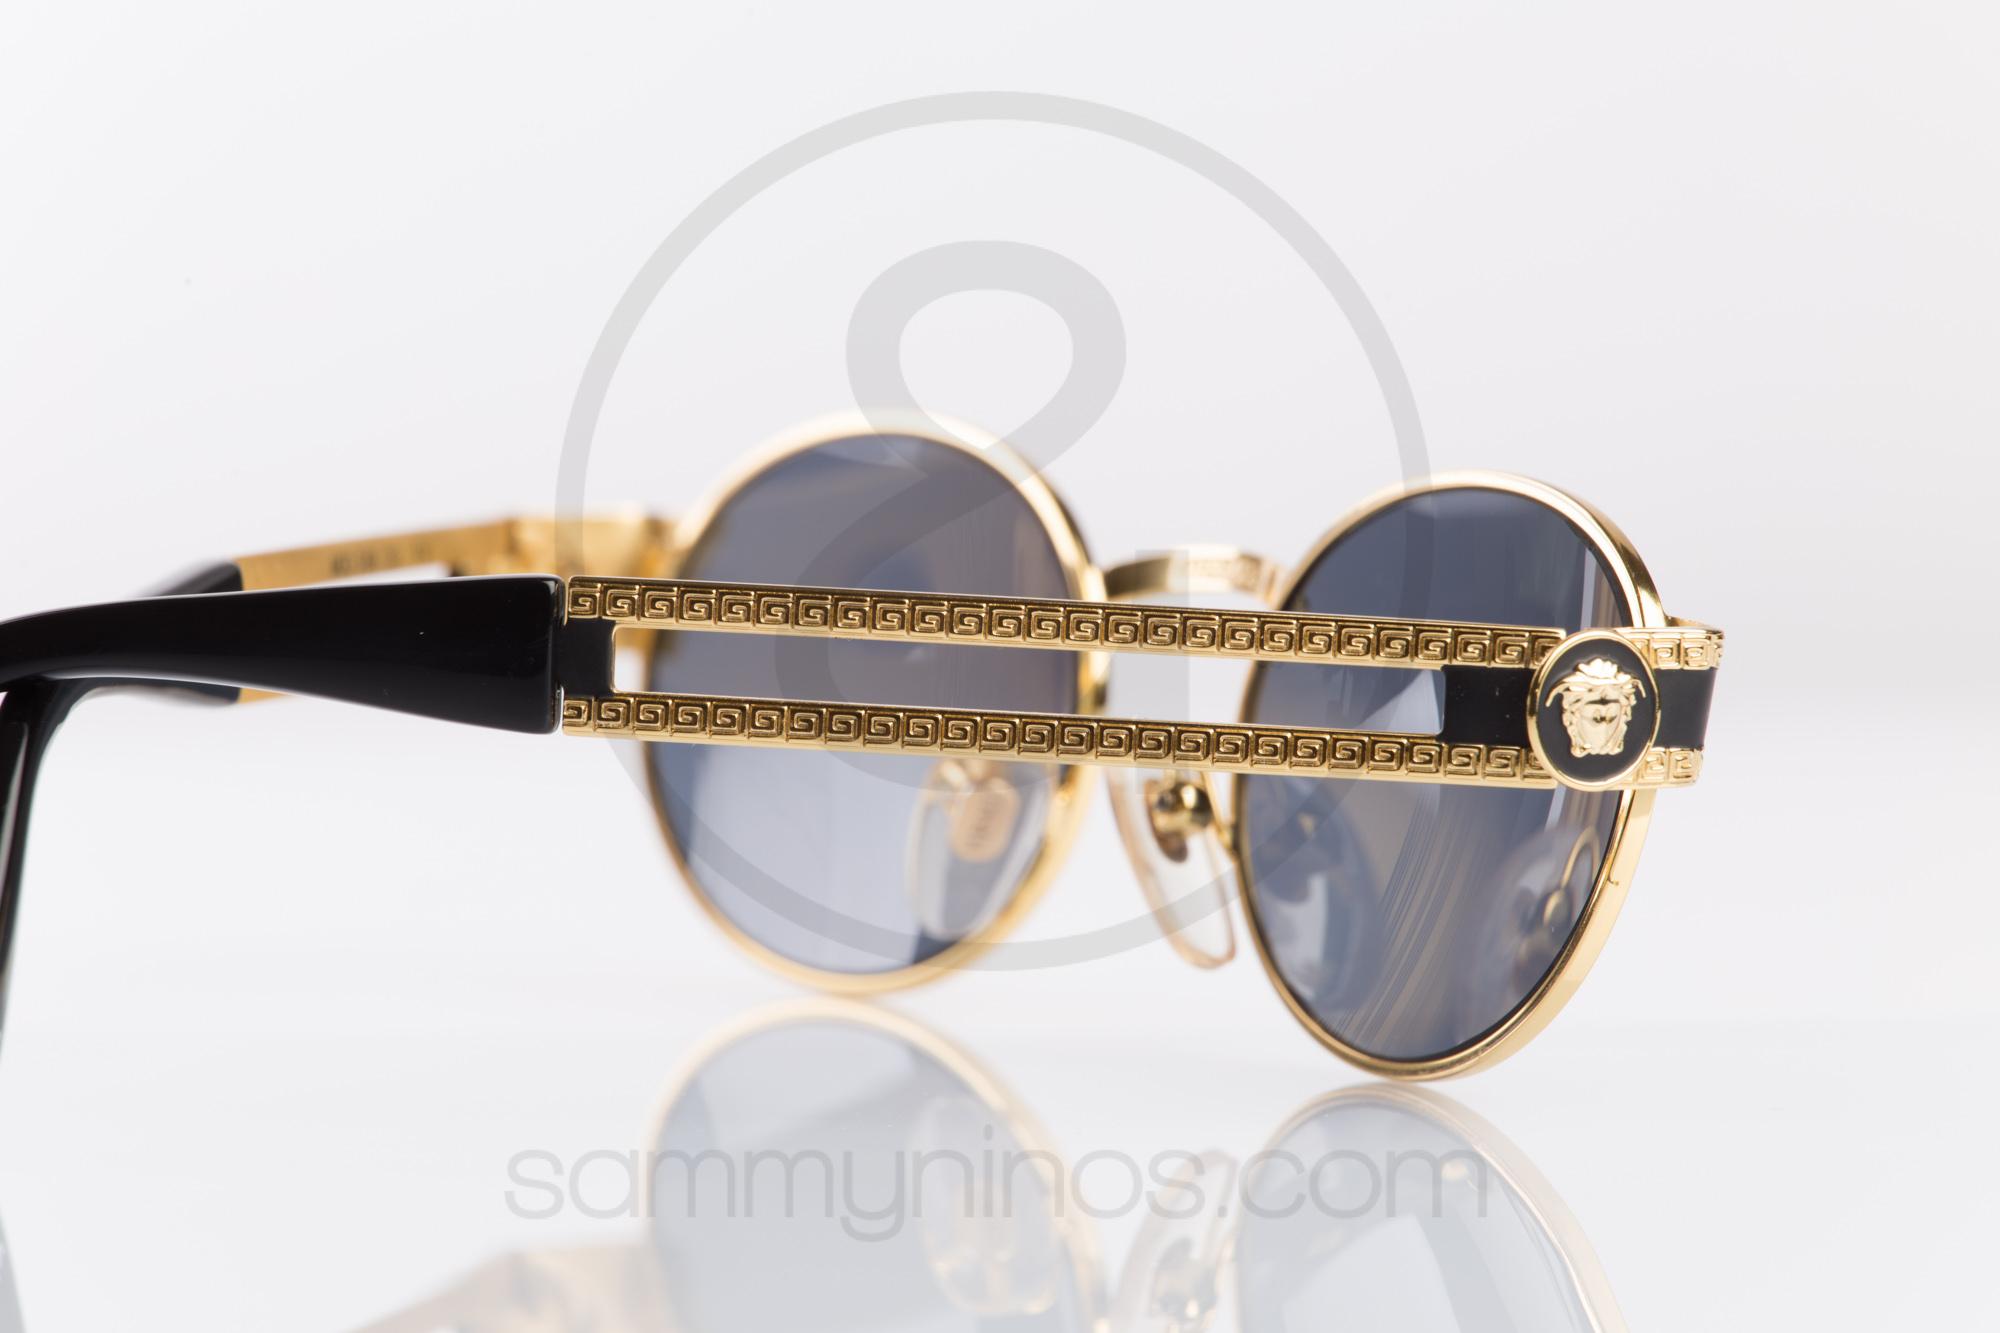 Gianni Versace S68 16M – Sammy & Nino\'s Store